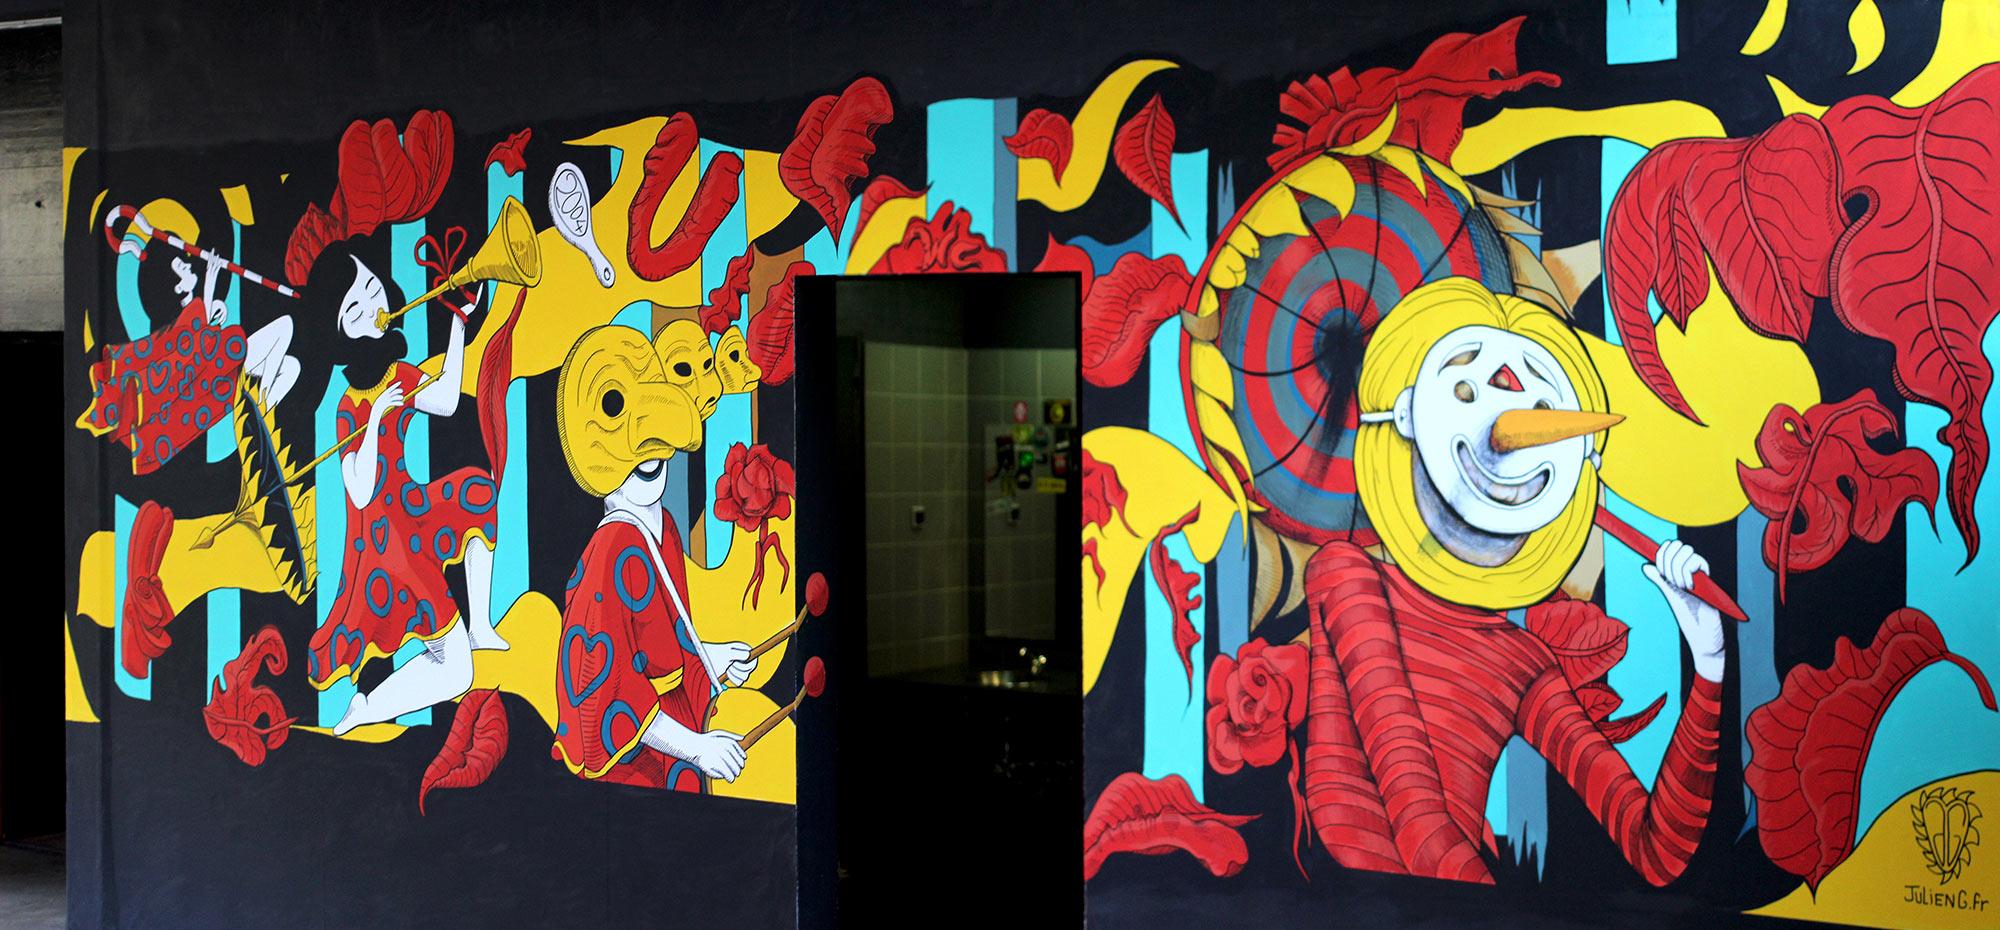 realisation-fresque-murale-julieng